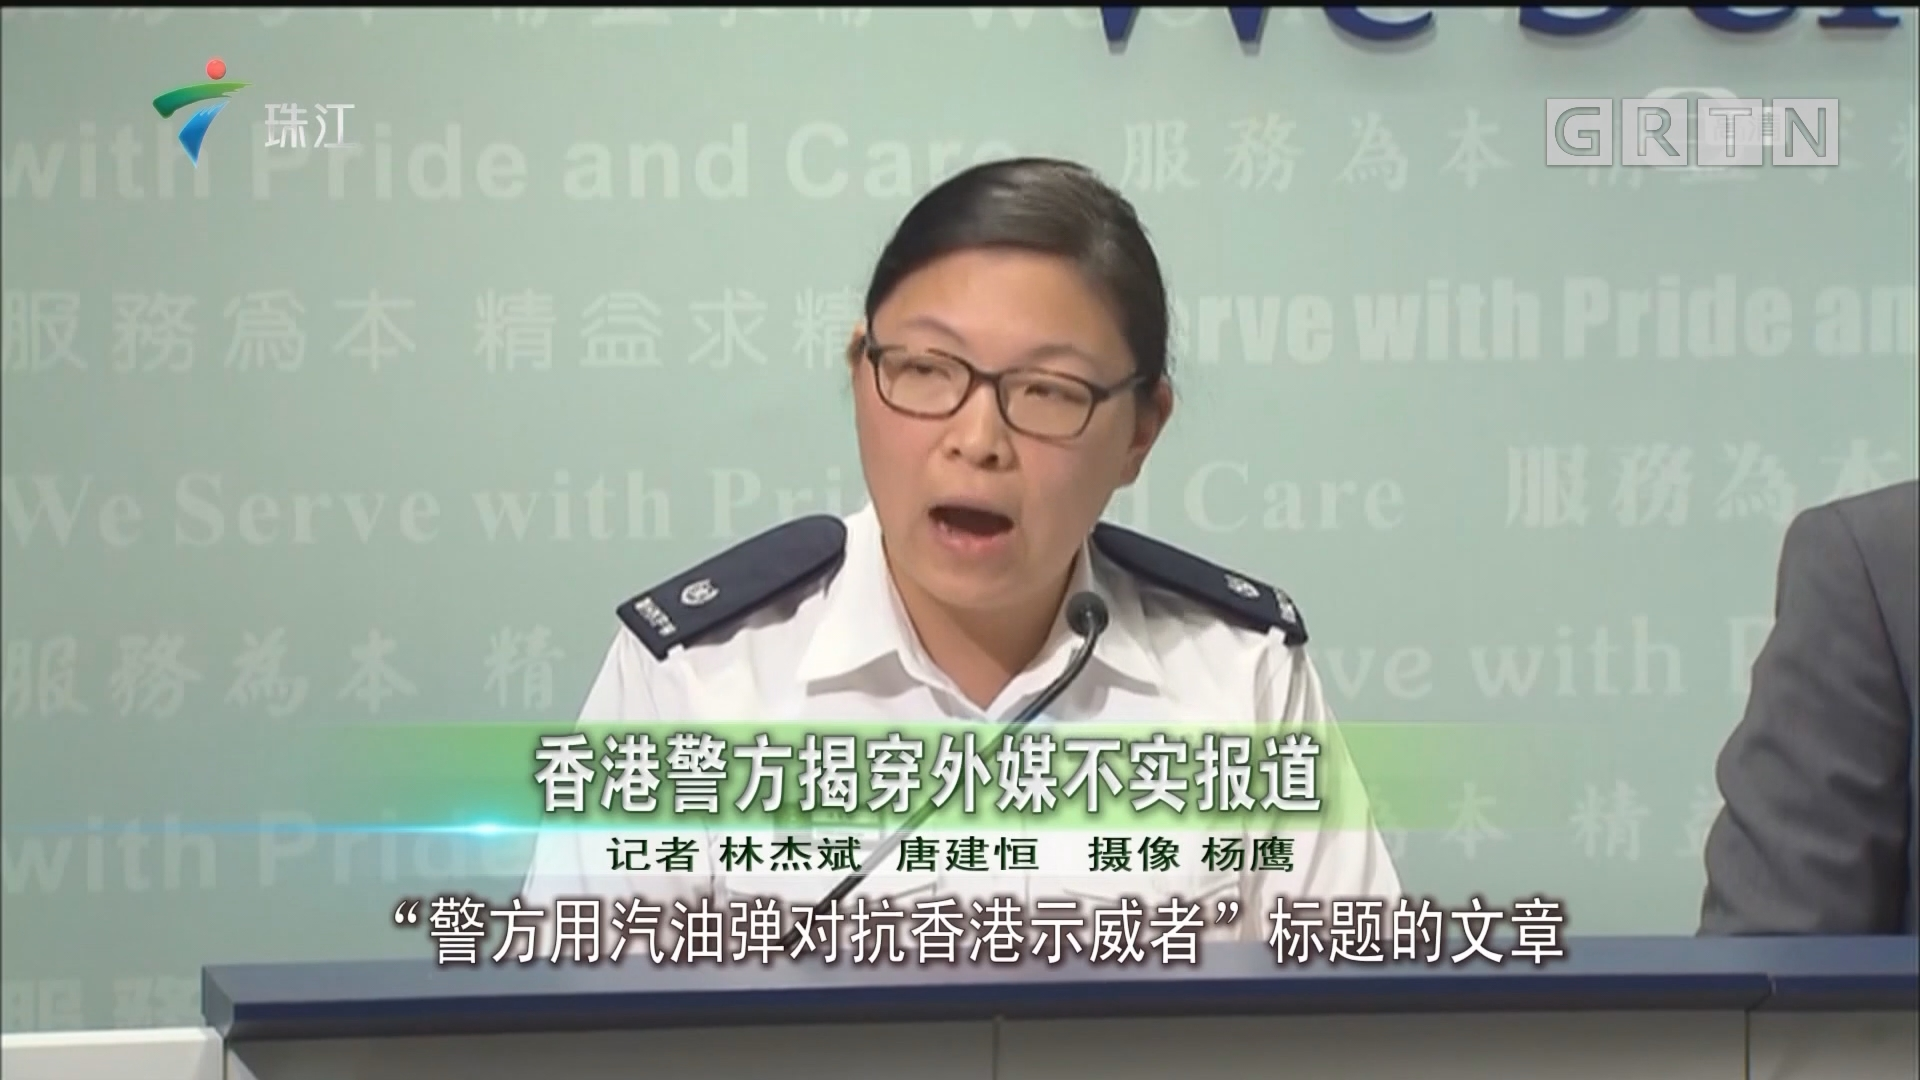 香港警方揭穿外媒不实报道